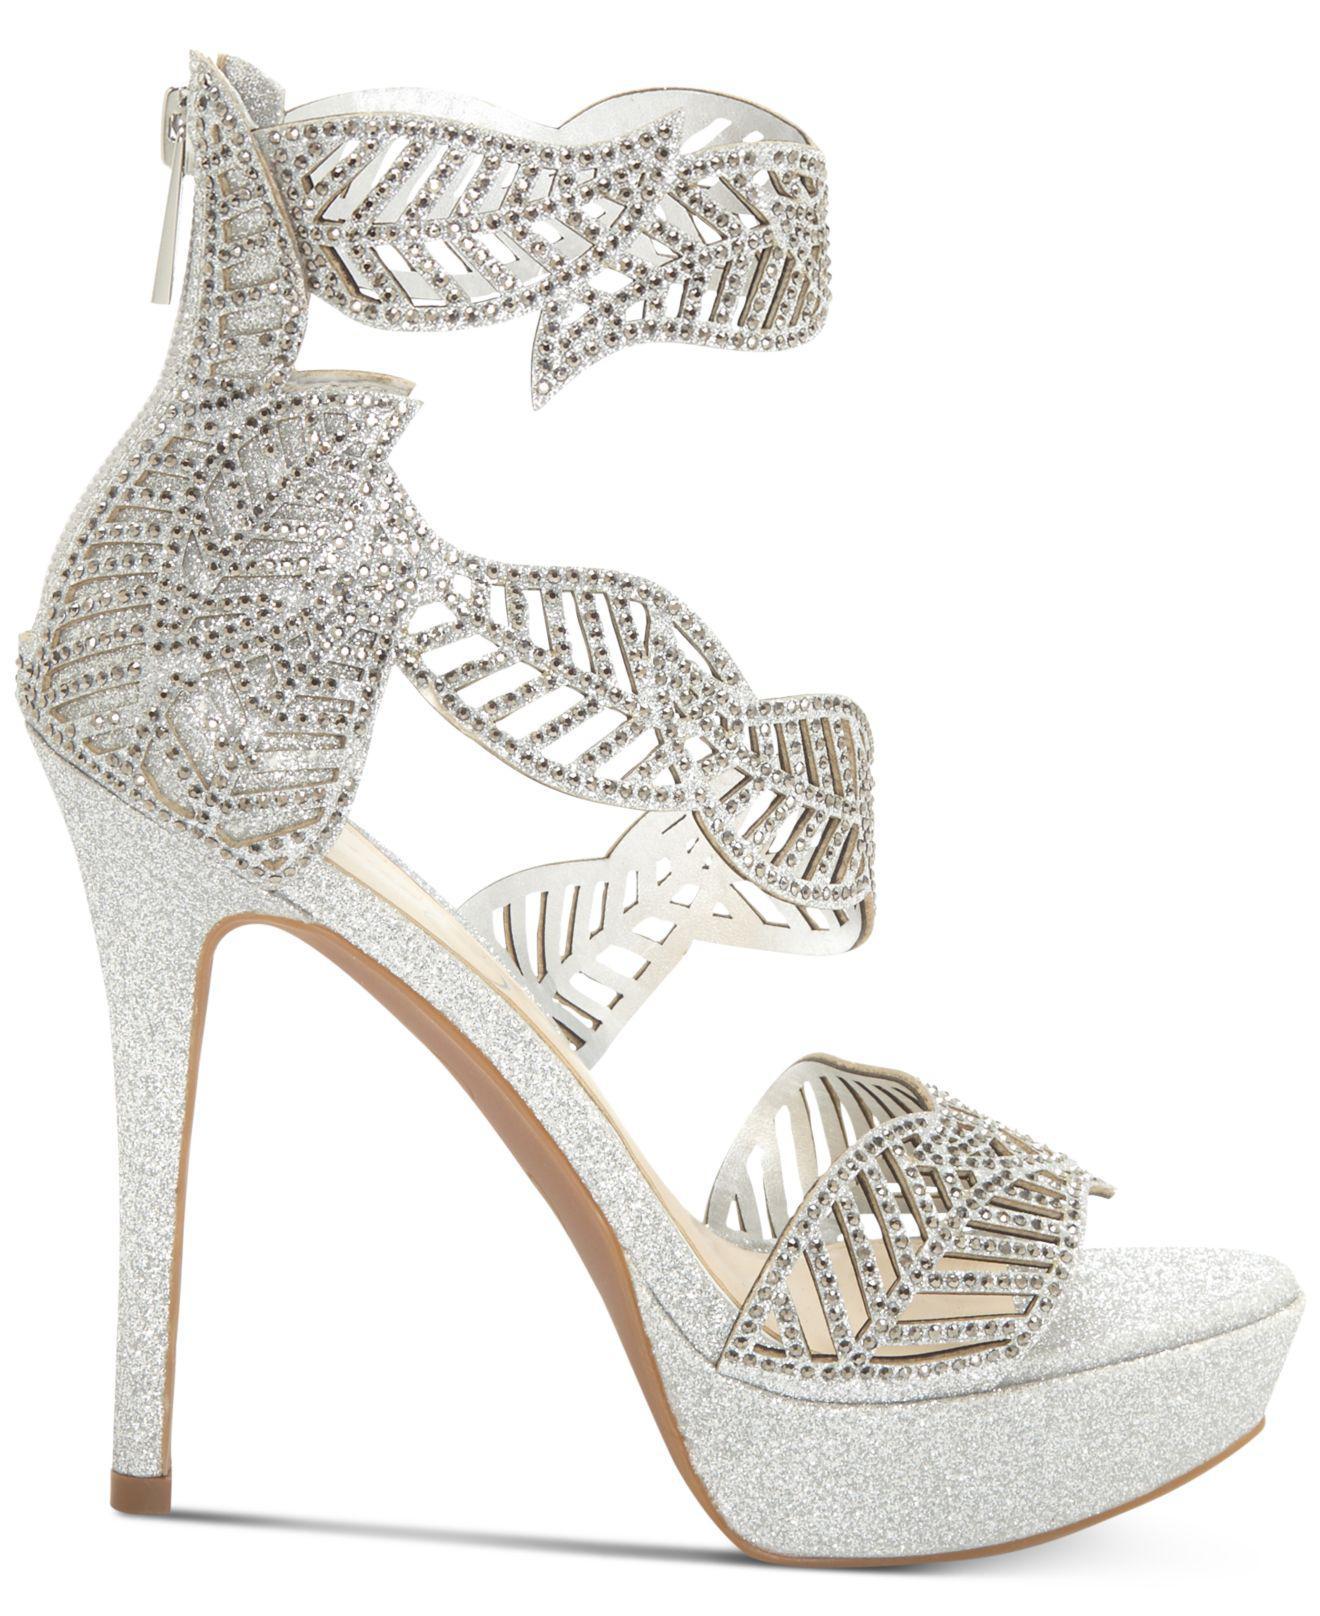 66fa3ac8bdd2 Lyst - Jessica Simpson Bonilynn Platform Dress Sandals in Metallic